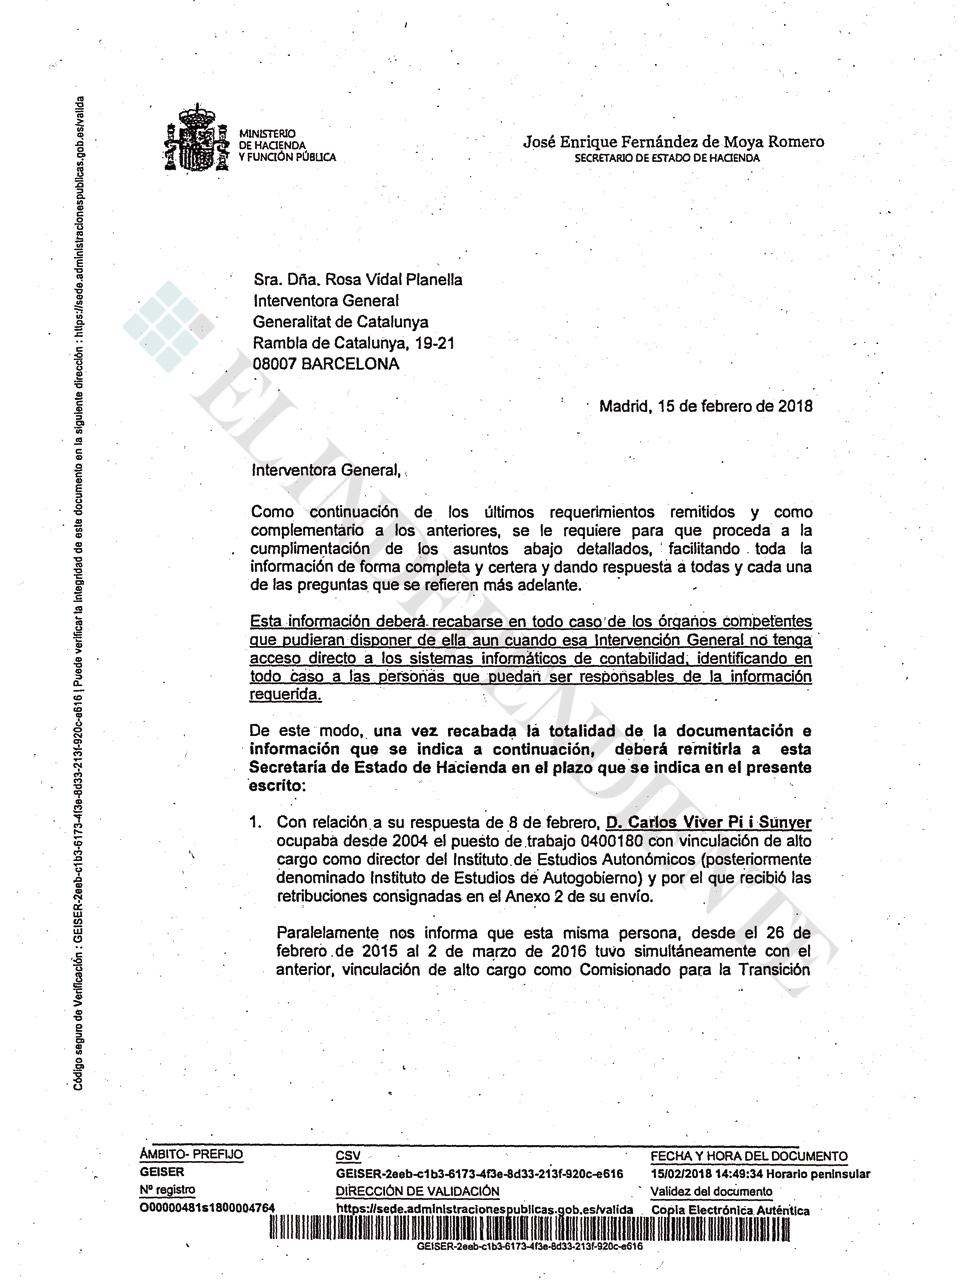 Carta a la interventora de la Generalitat